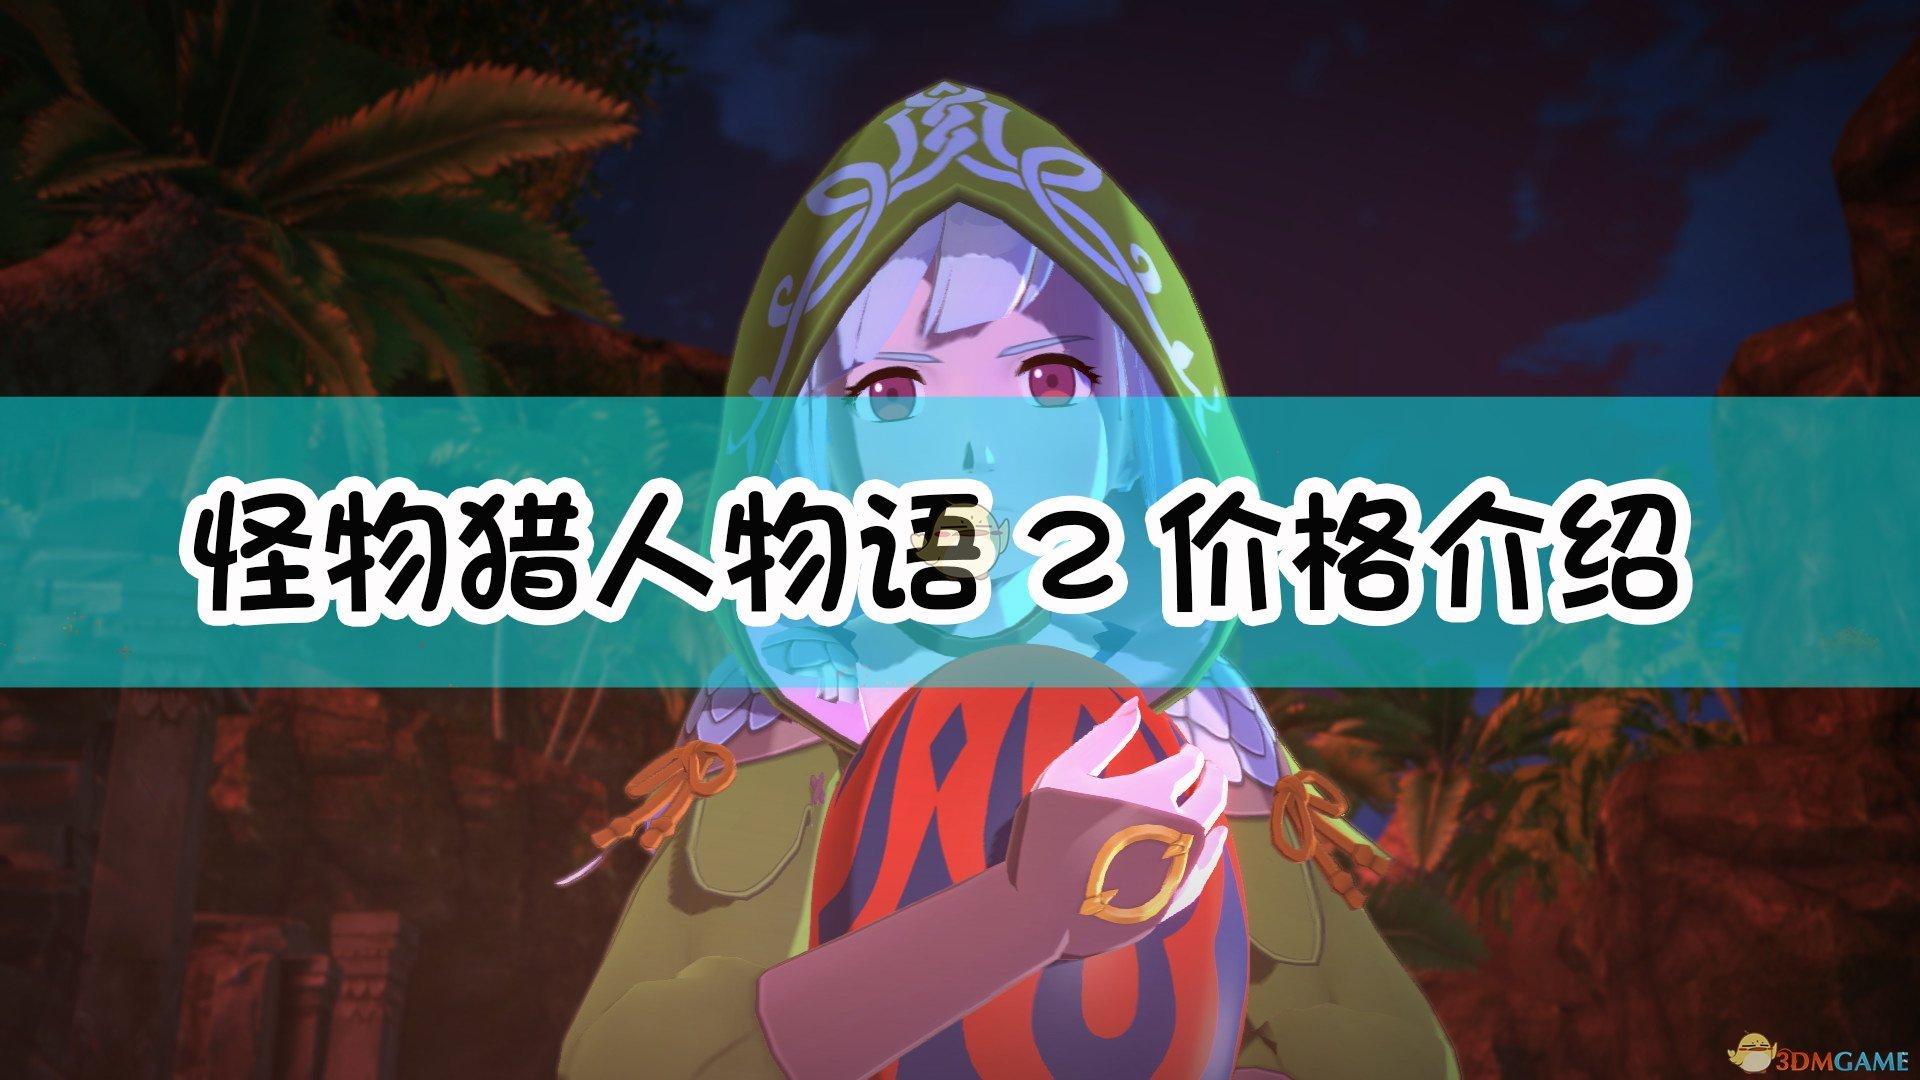 《怪物猎人物语2:毁灭之翼》steam版价格介绍